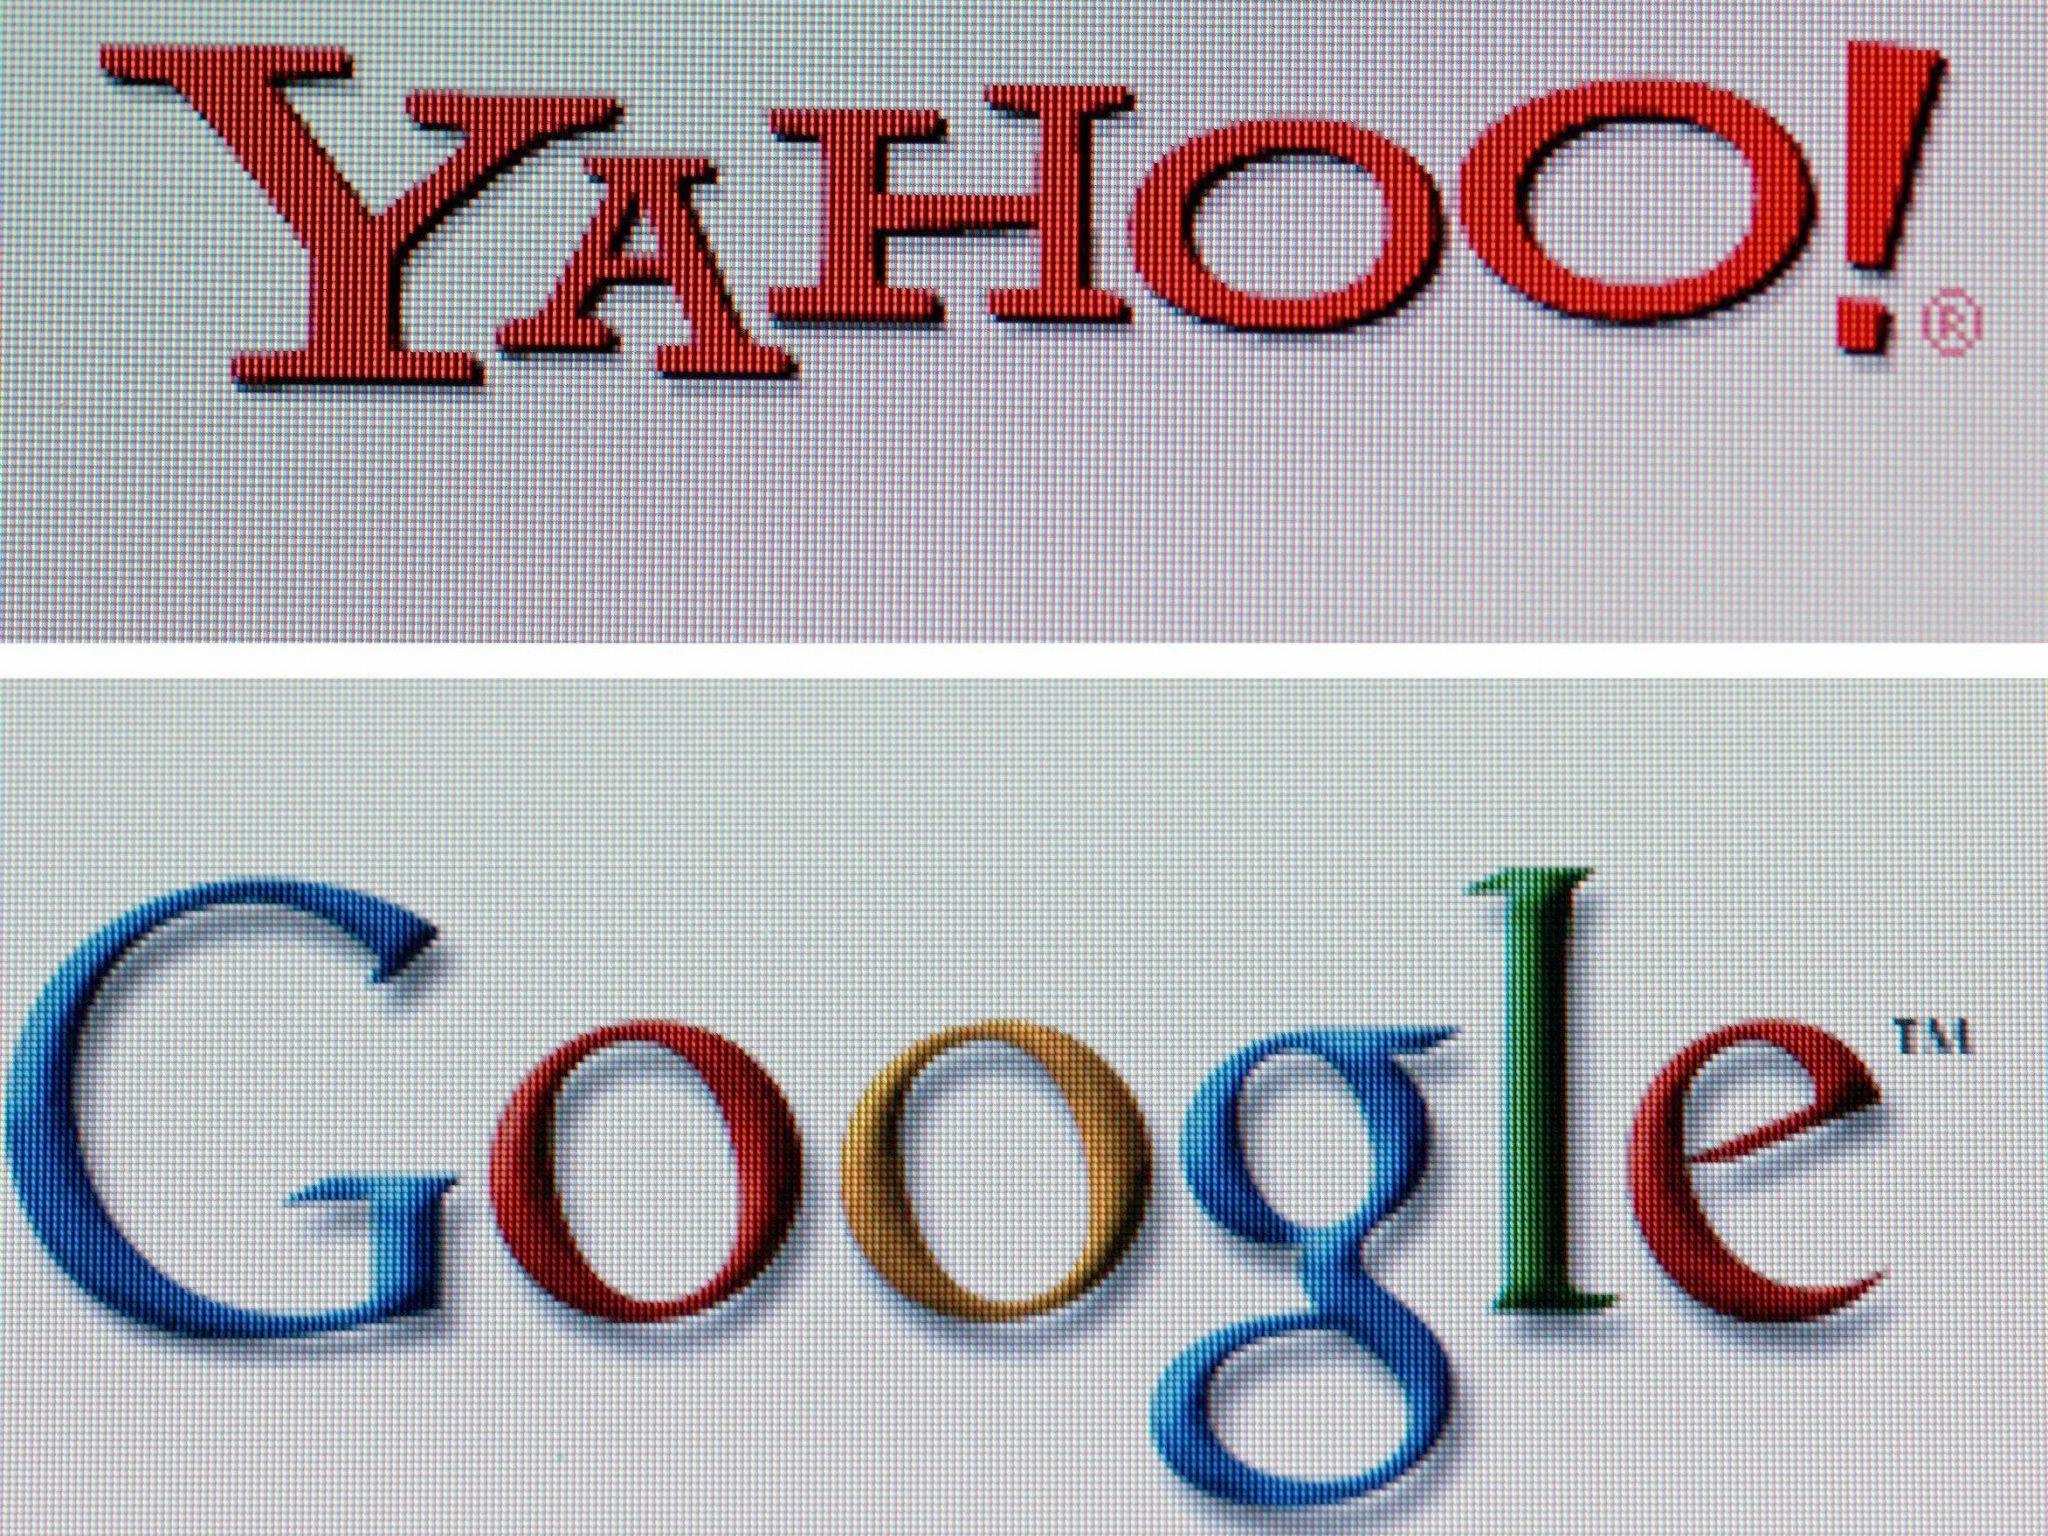 Suchmaschine war zuletzt 2011 die meistbesuchte Seite der USA.